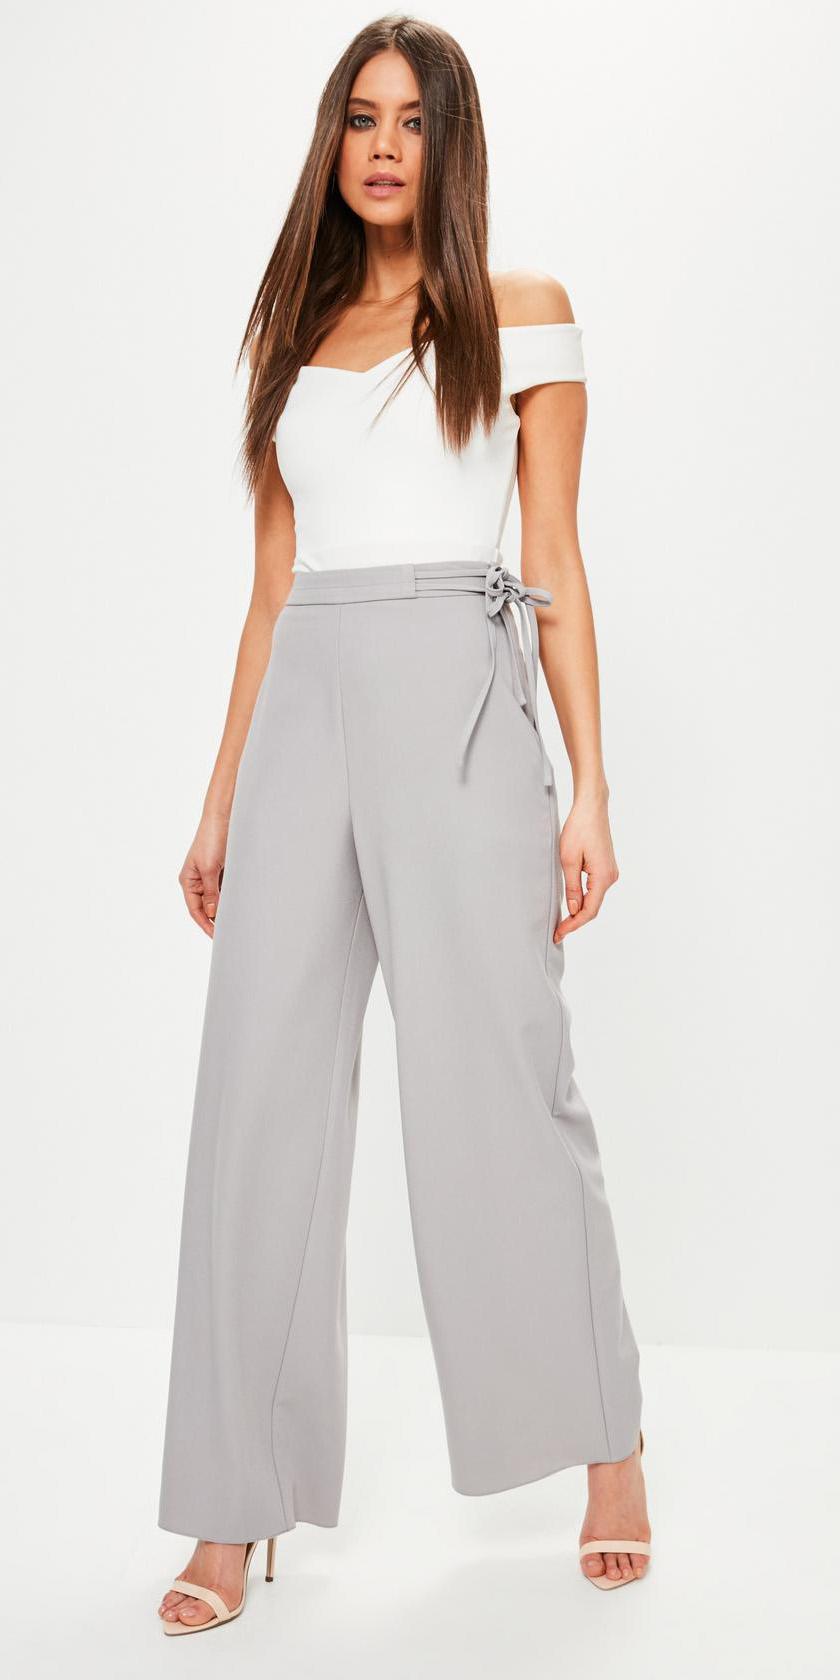 grayl-wideleg-pants-white-top-offshoulder-white-shoe-sandalh-spring-summer-hairr-dinner.jpg